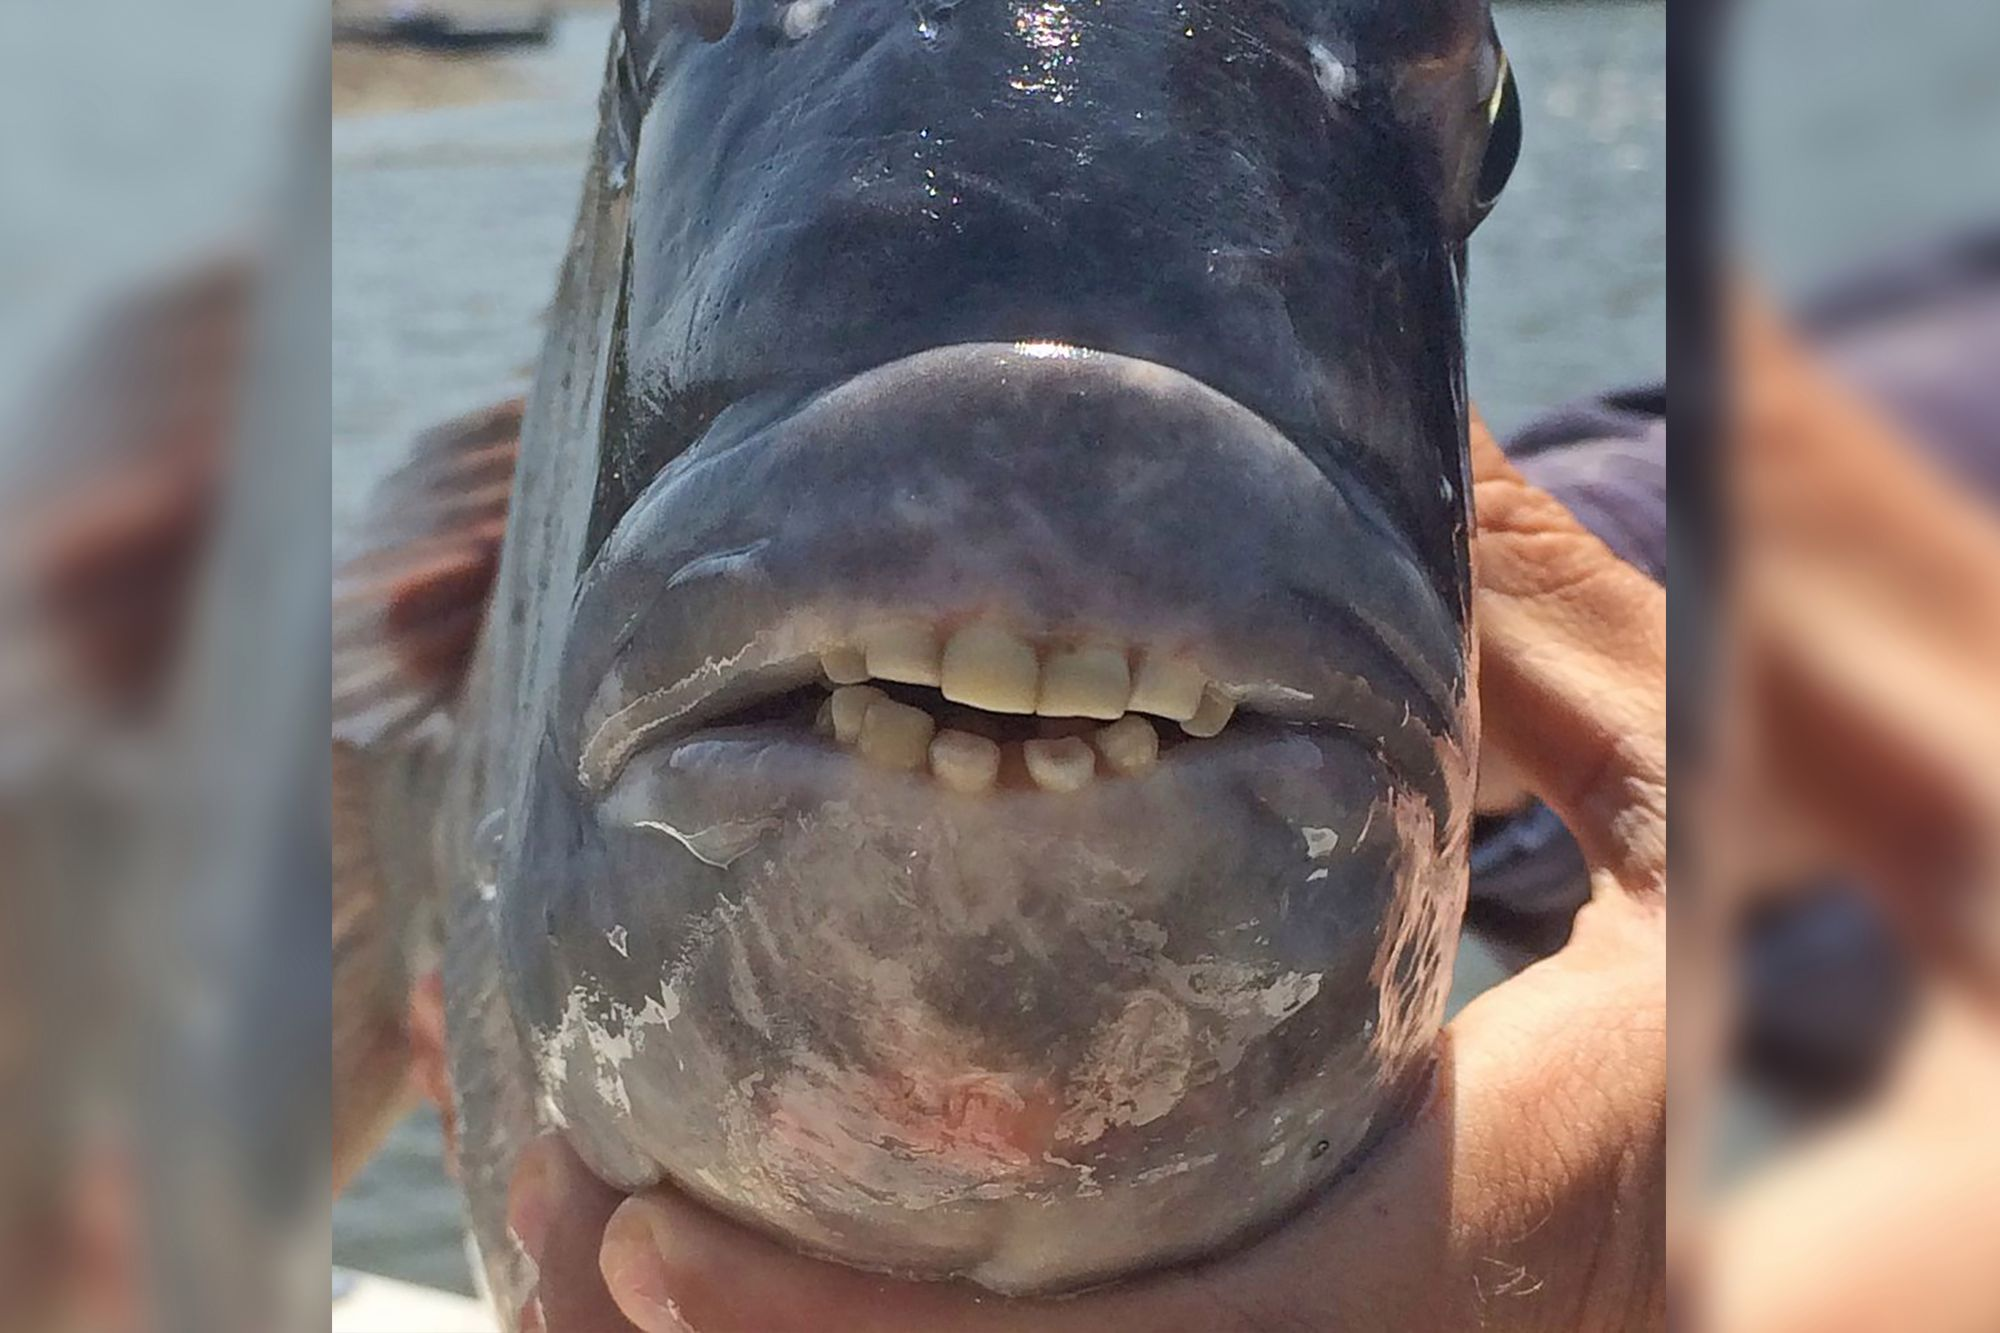 fish with human teeth